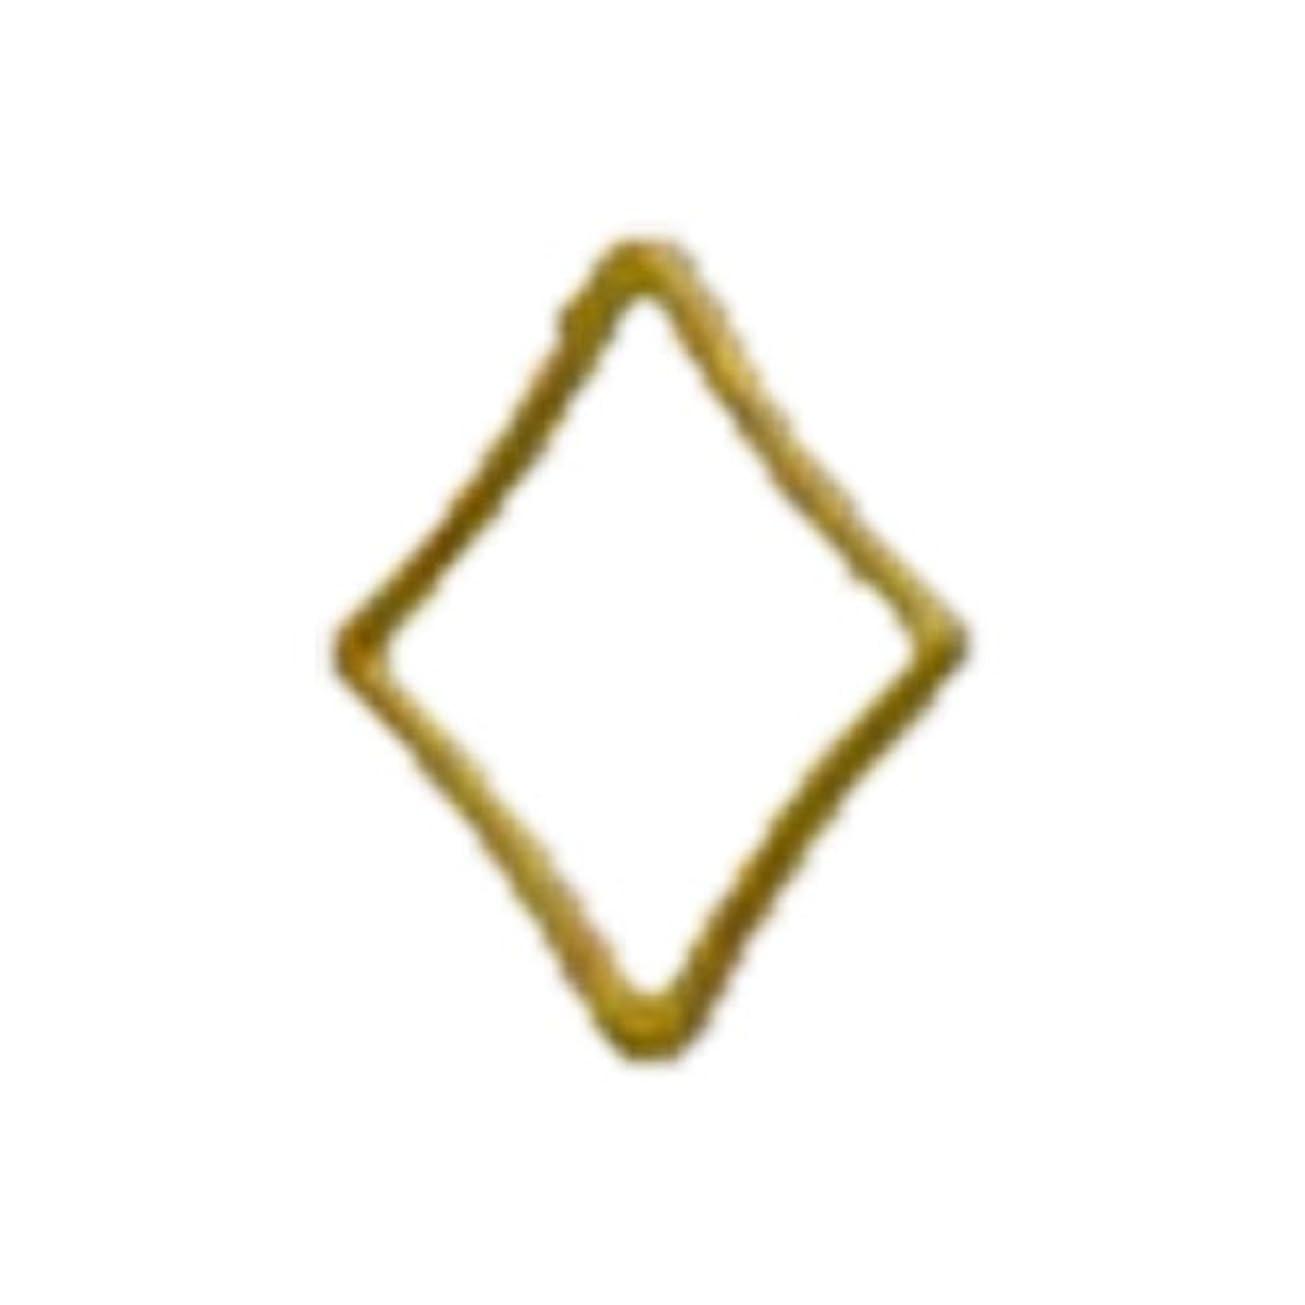 却下するビヨン幽霊リトルプリティー ネイルアートパーツ キラキラ 3S ゴールド 20個